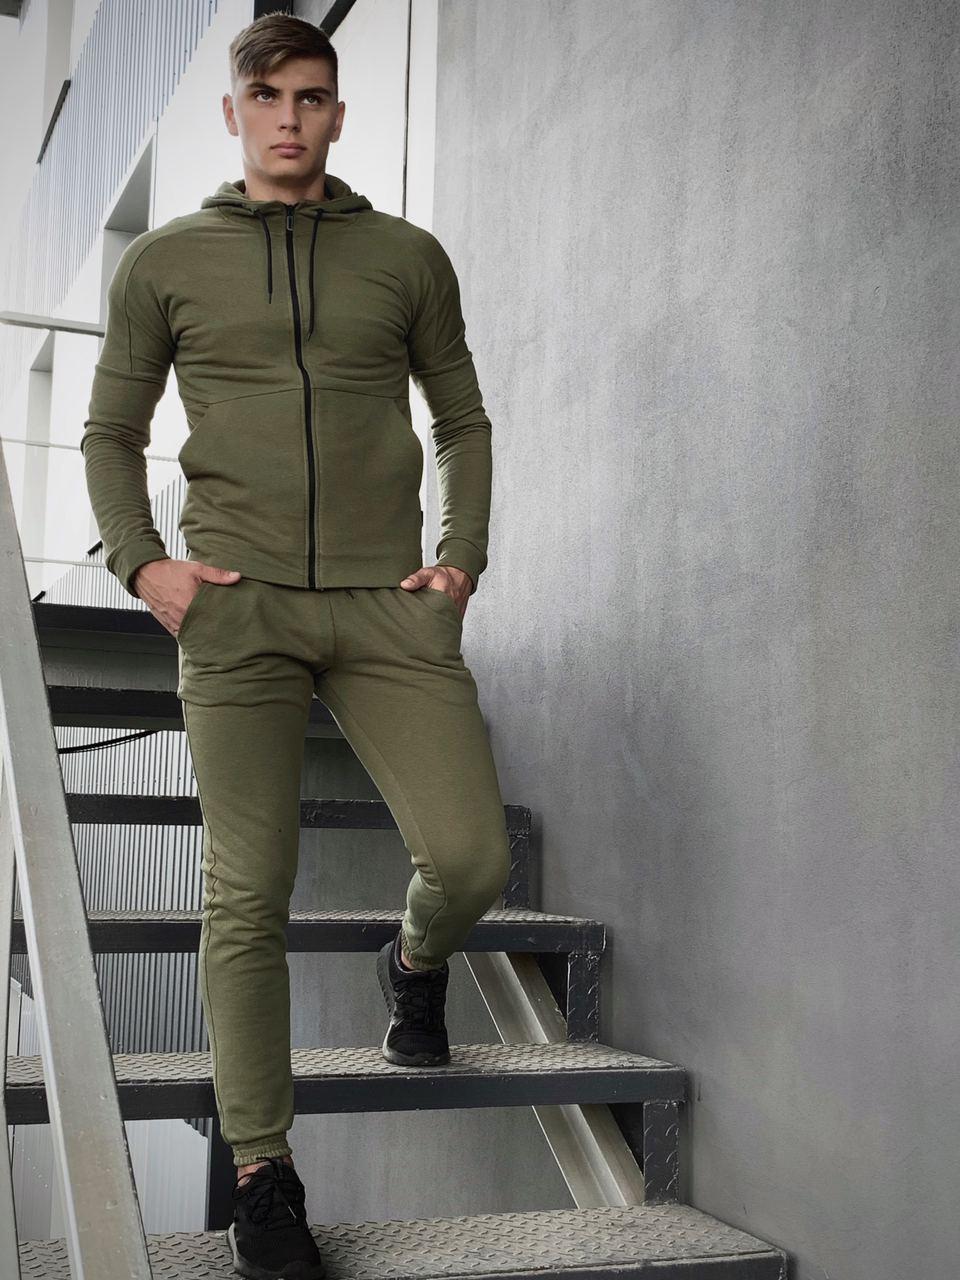 Костюм мужской спортивный Cosmo хаки Кофта толстовка + штаны + Подарок